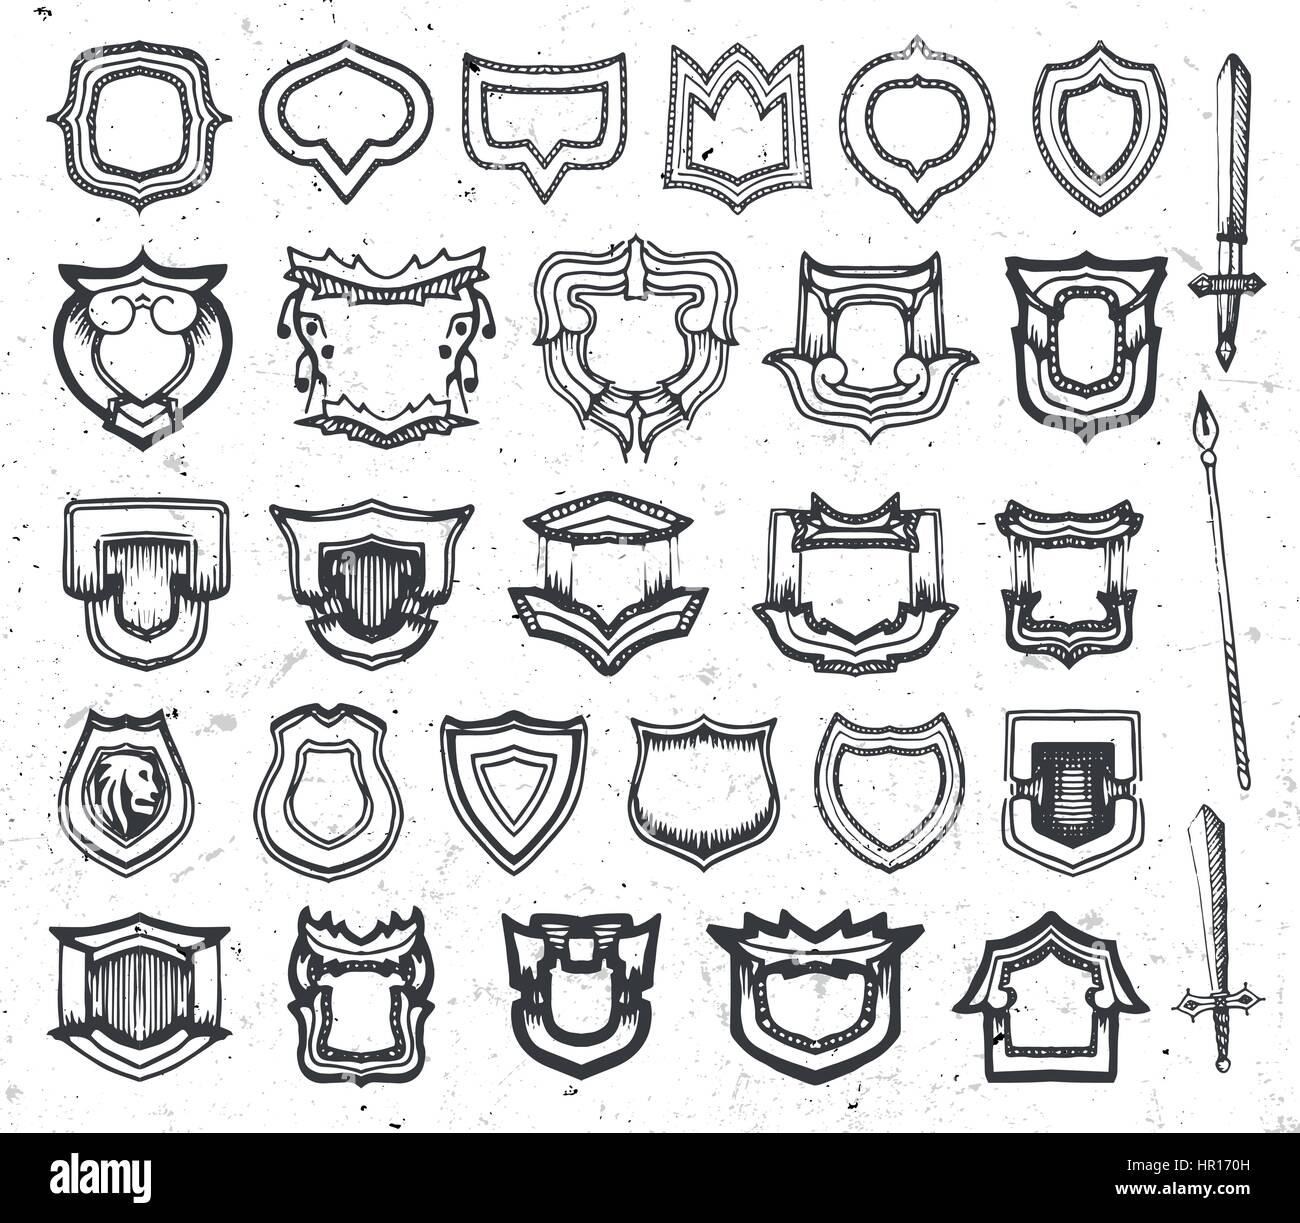 e83734437cc Resumen aisladas de color blanco y negro escudo,escudo y espada logos, arma  antigua colección logotipos ilustración vectorial.